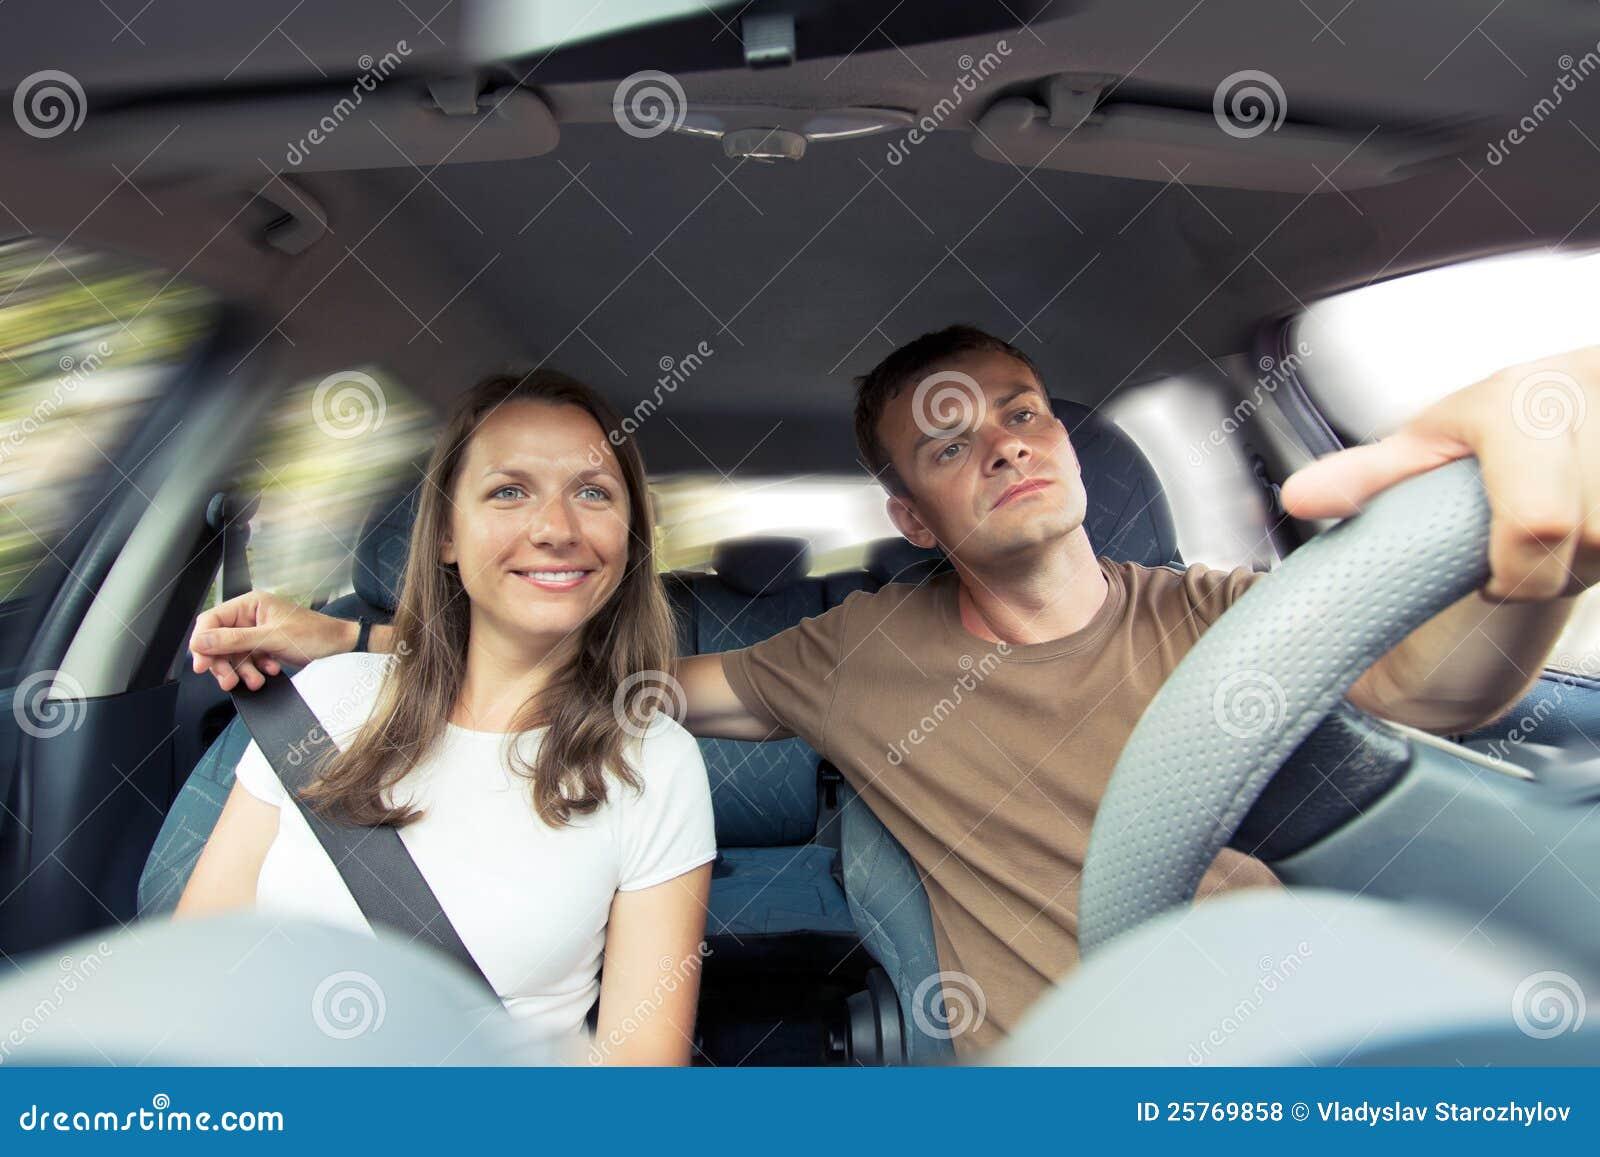 Фото пара в машине 15 фотография